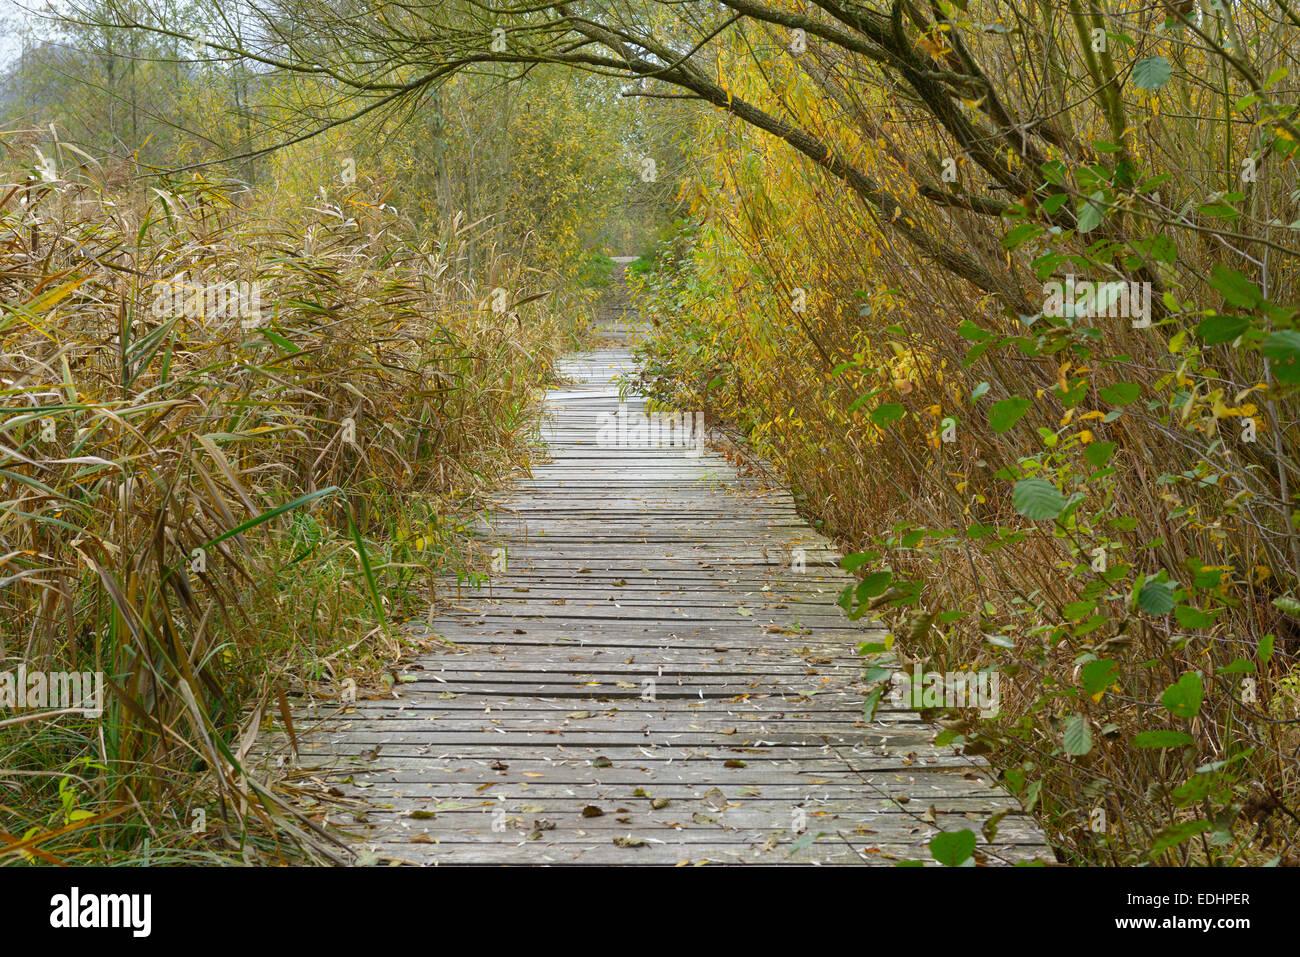 Boarded footpath near Stangenhagen, Trebbin , District Teltow-Flaeming, Brandenburg, Germany - Stock Image